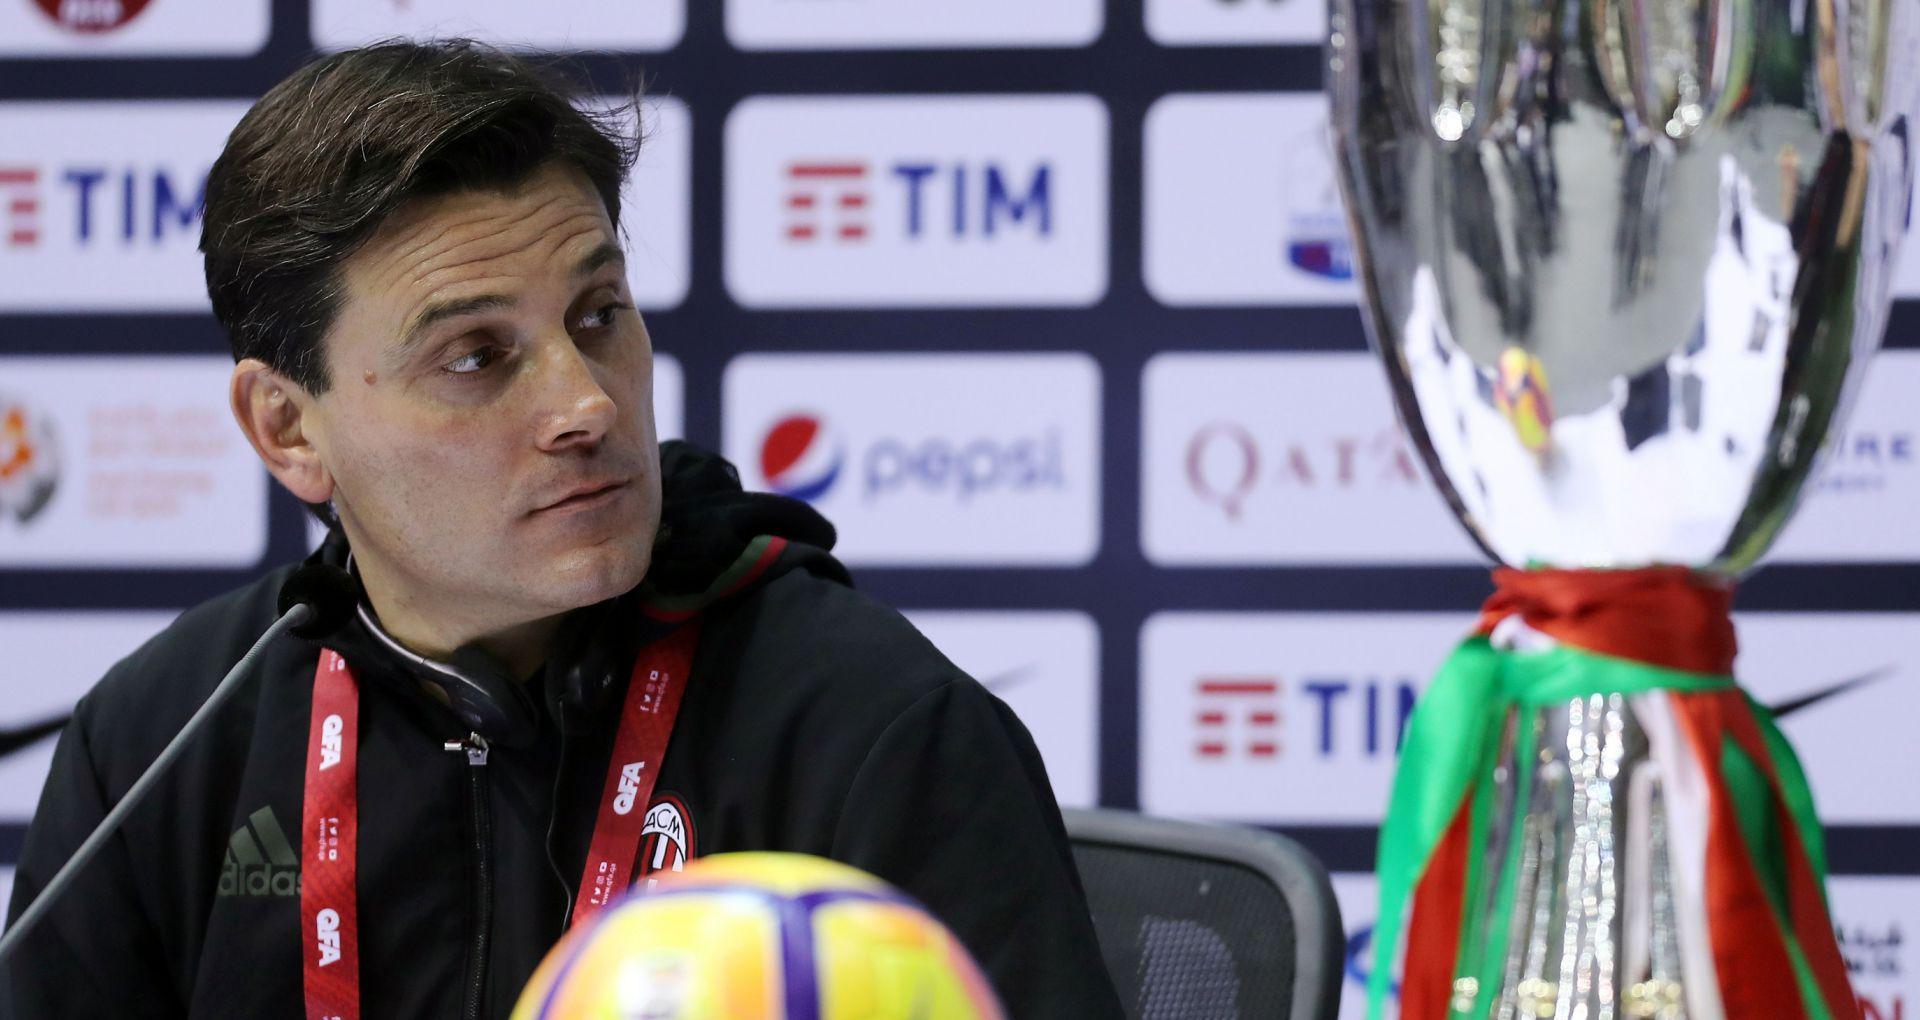 Al Milan la Supercoppa, rigori fatali alla Juve